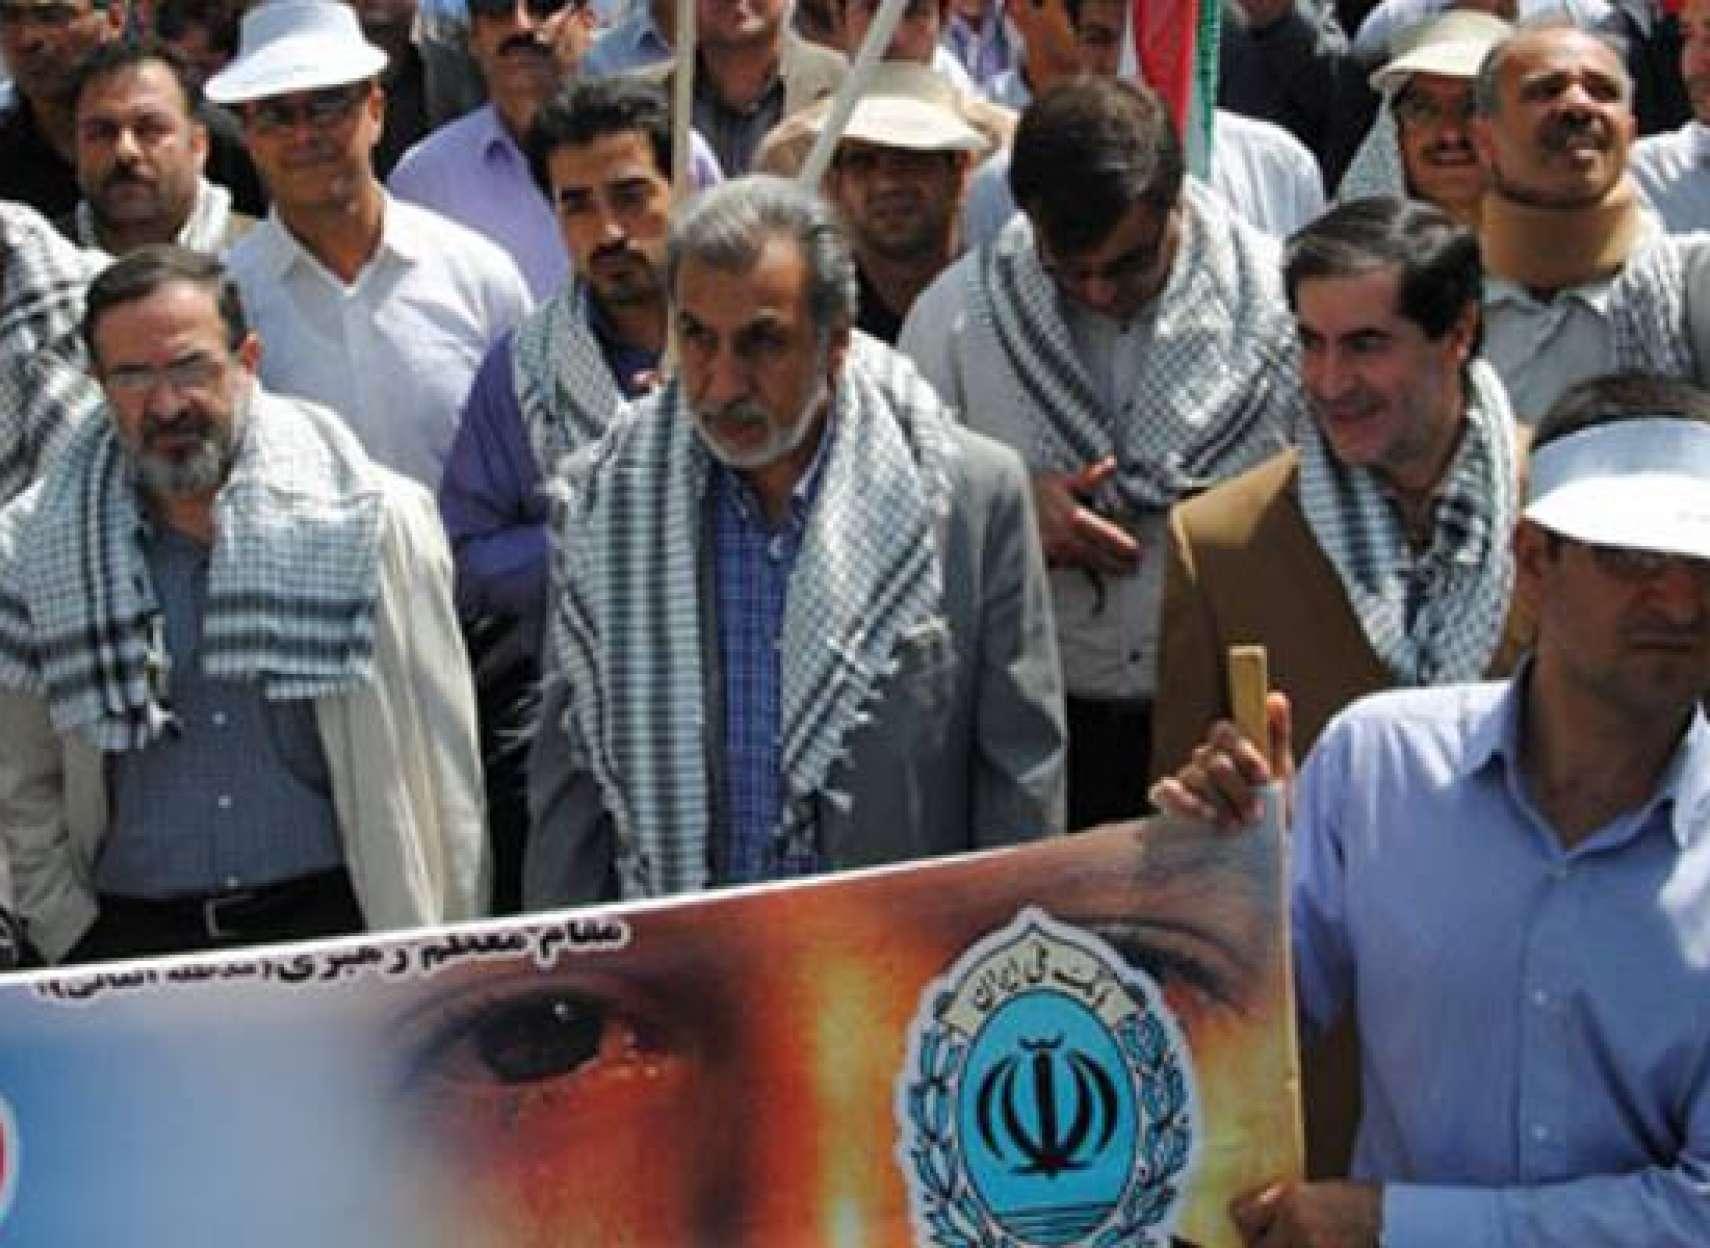 ادعای-جدید-جمهوری-اسلامی-اینترپل-حکم-بازداشت-محمود خاوری-را-صادر-کرده-اما-کانادا- حاضر-به-استرداد-نیست